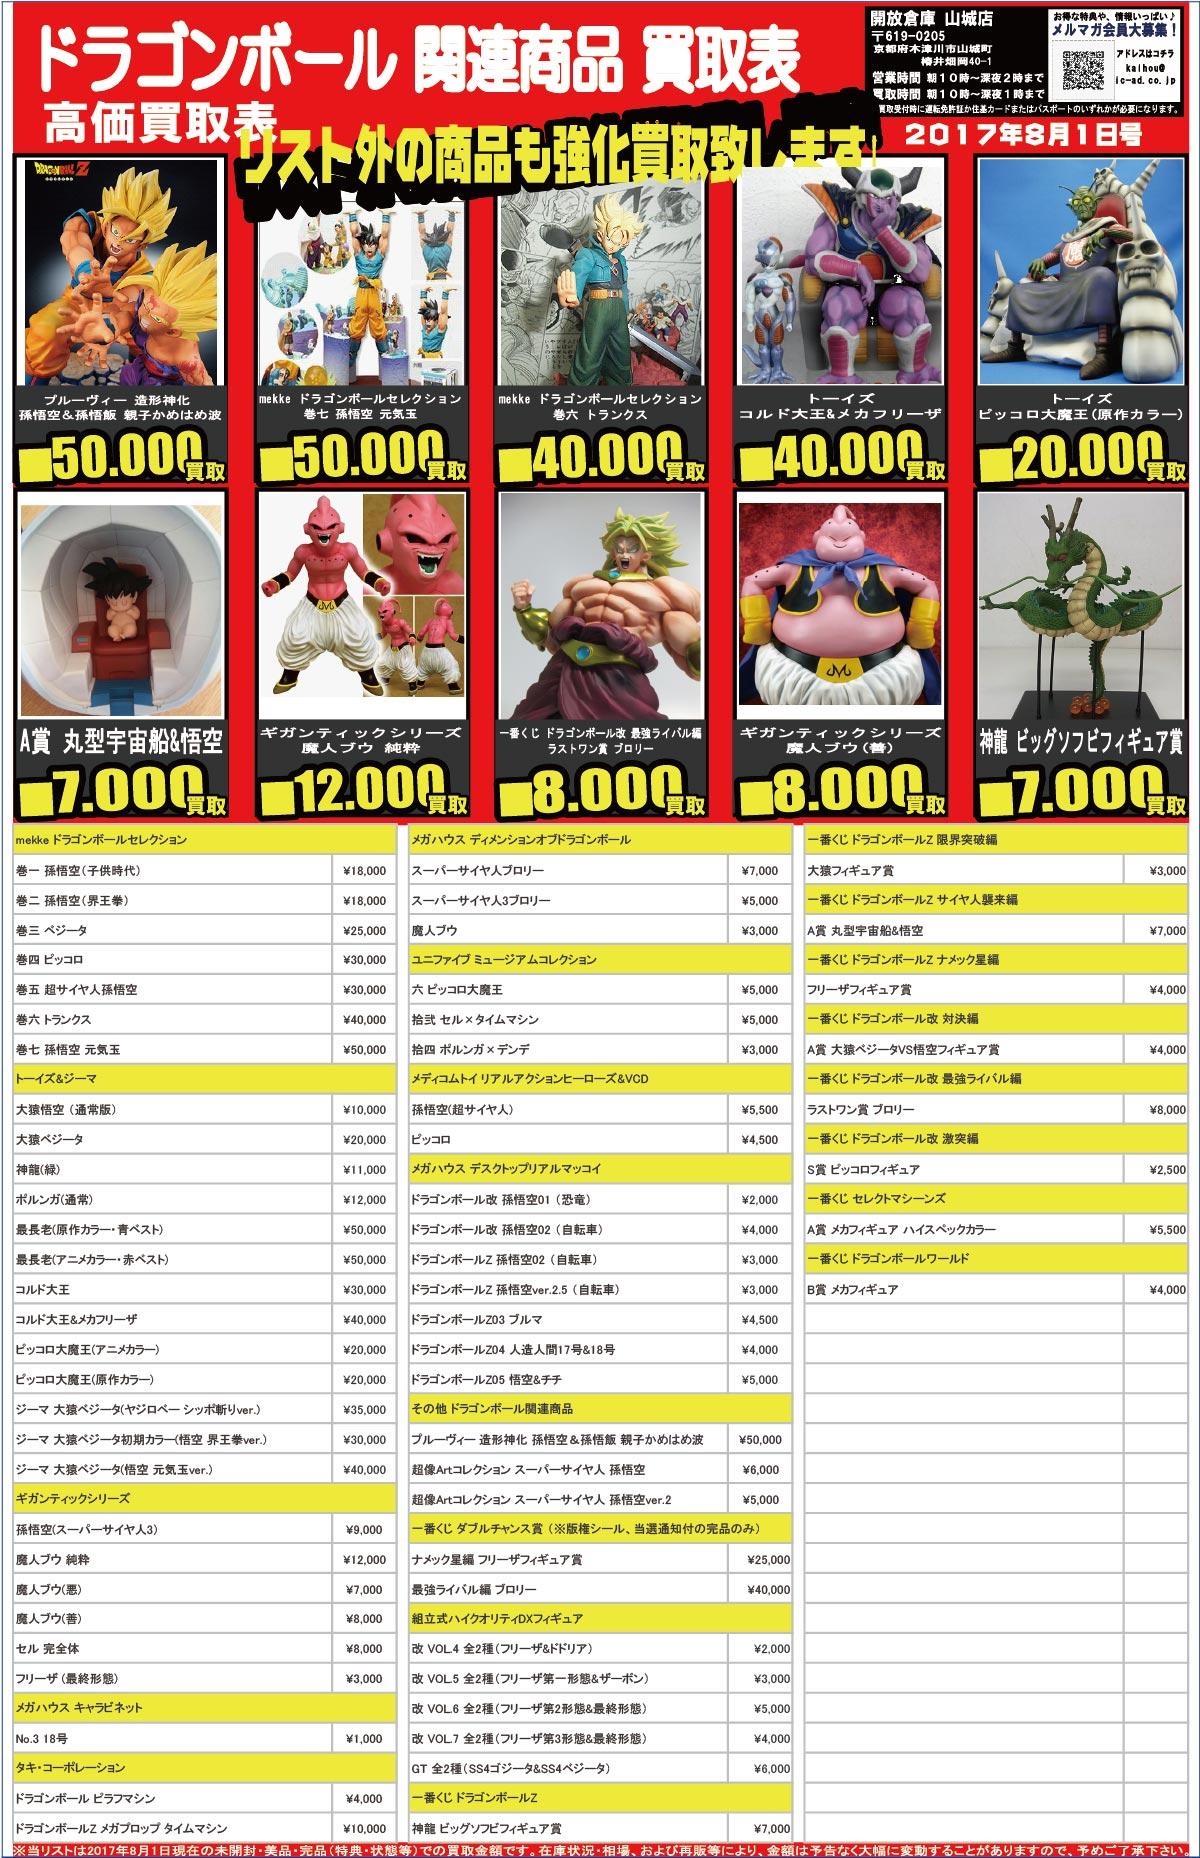 「開放倉庫山城店」おもちゃ買取表<8月1日号>ドラゴンボール関連商品高価買取表!リスト外の商品も強化買取いたします!